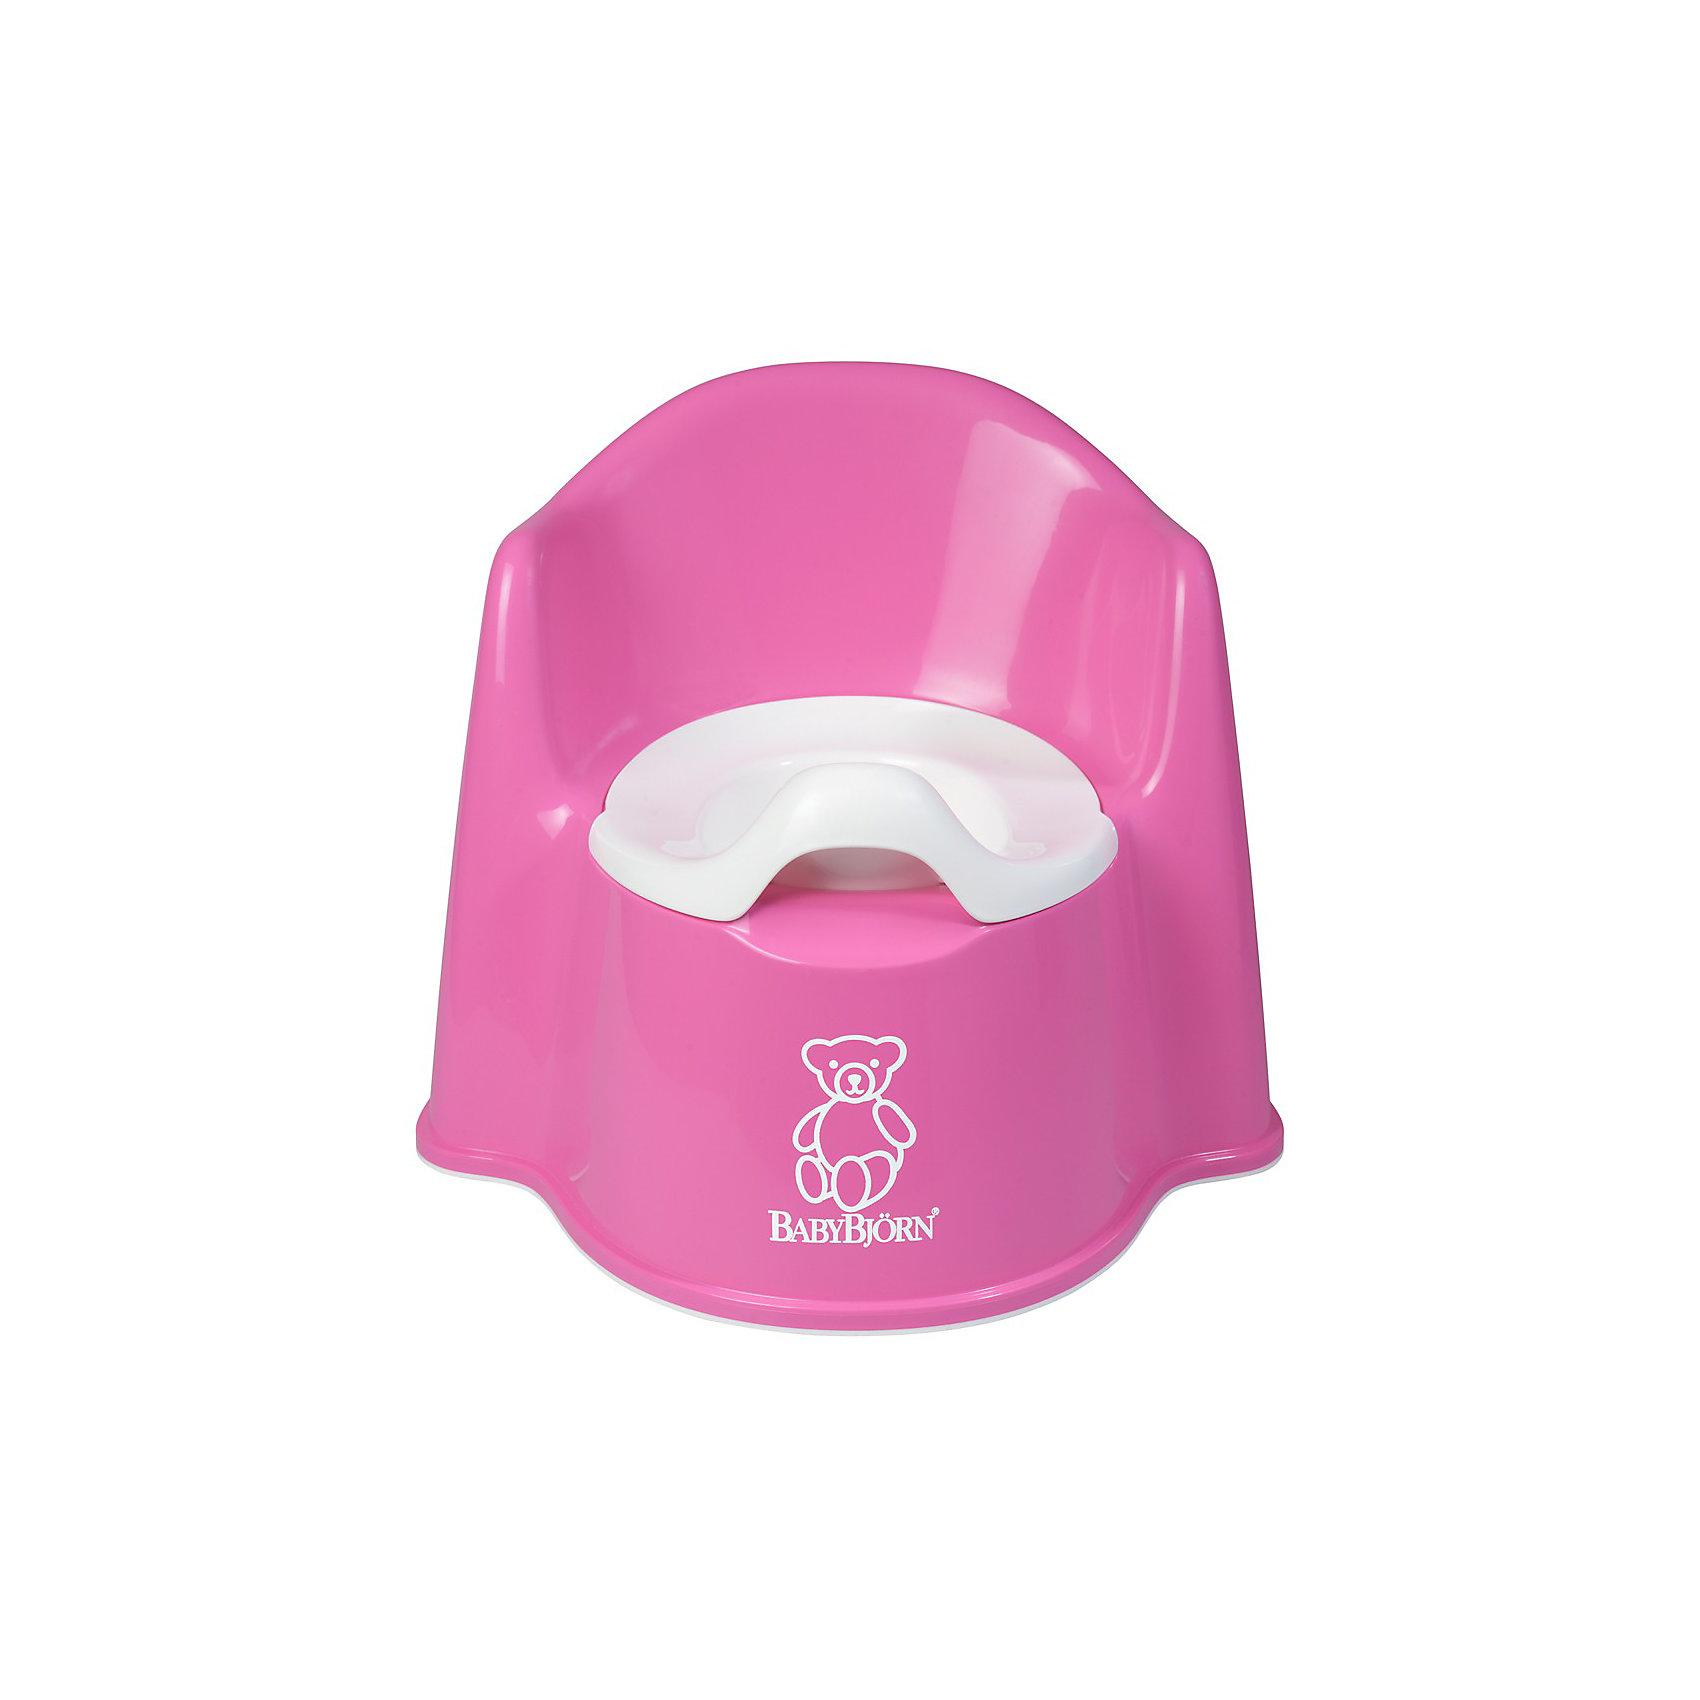 Кресло-горшок BabyBjorn, розовыйГоршки, сиденья для унитаза, стульчики-подставки<br>Кресло-горшок BabyBjorn (БэйбиБьёрн) - сидеть на нем удобно и комфортно!<br><br>Для ребенка так важно, чтобы горшок был удобным. Эргономический дизайн с мягкими формами прекрасно справляется с это задачей! Кресло-горшок BabyBjorn с высокой спинкой, удобные подлокотники, возможность свободно перемещать ноги позволяют ребенку комфортно сидеть столько, сколько необходимо. <br><br>Надежная защита от брызг, одинаково подходит как девочкам, так и мальчикам. <br><br>Разнообразная цветовая гамма и высококачественный пластик (используются исключительно экологически чистые материалы) никого не оставят равнодушными. Внутренняя часть горшка легко вынимается и моется отдельно.  Ребенку будет удобно садиться и вставать, опираясь на подлокотники.  <br><br>Размер отверстия: <br>- с внутренней частью: 18 х 11,5 см <br>- без внутренней части: 18,5 х 12 см <br><br>Высота сиденья: 15 см.<br><br>Кресло-горшок BabyBjorn розового цвета можно купить в нашем интернет-магазине.<br><br>Ширина мм: 356<br>Глубина мм: 350<br>Высота мм: 312<br>Вес г: 941<br>Цвет: розовый<br>Возраст от месяцев: 18<br>Возраст до месяцев: 48<br>Пол: Женский<br>Возраст: Детский<br>SKU: 1682719